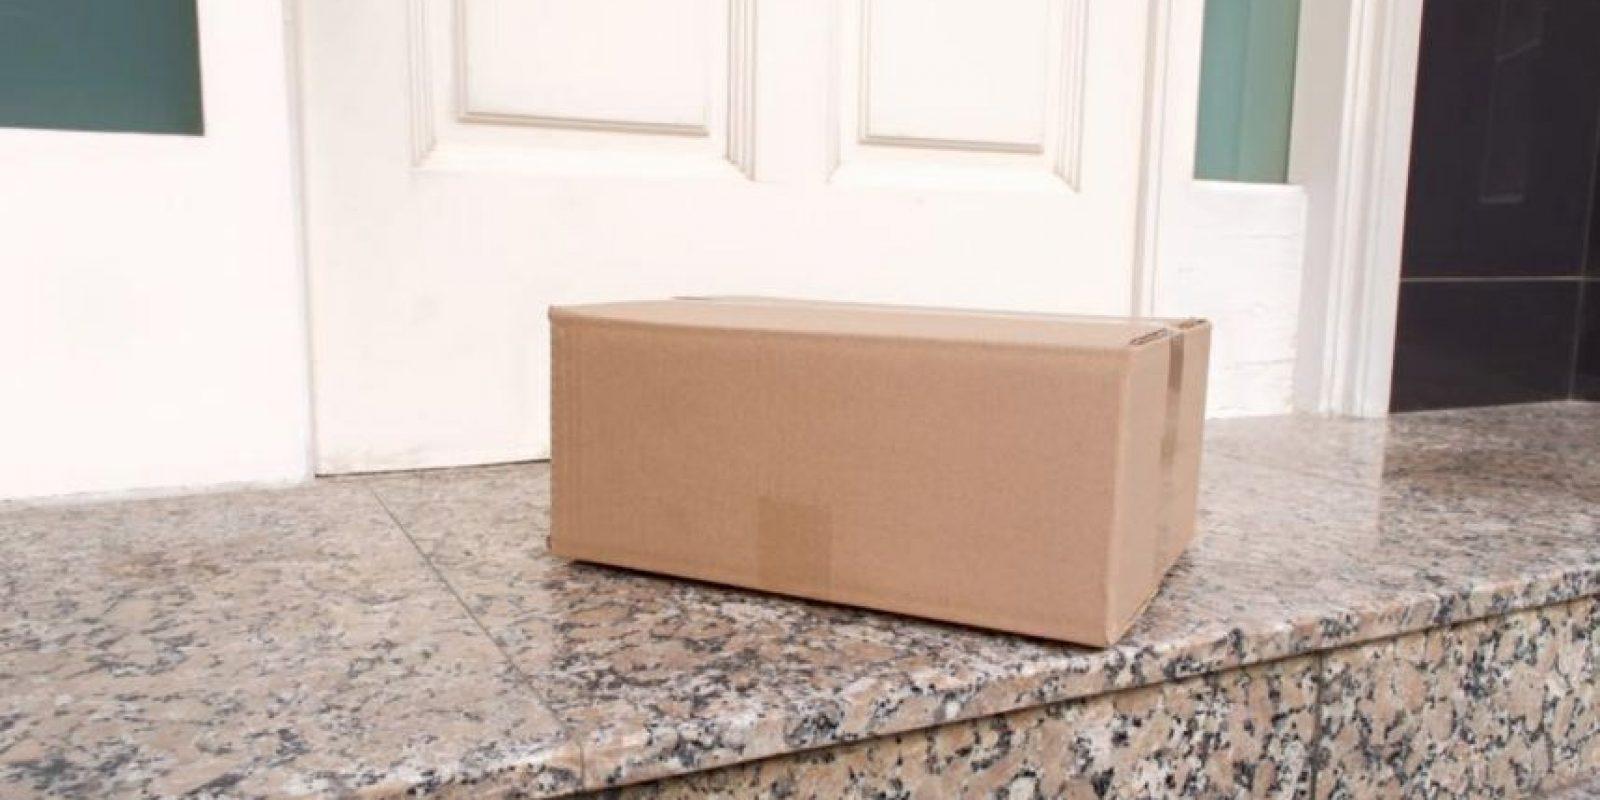 Así fue como la familia encontró el paquete. Foto:Vía facebook.com/ArlingtonPolice